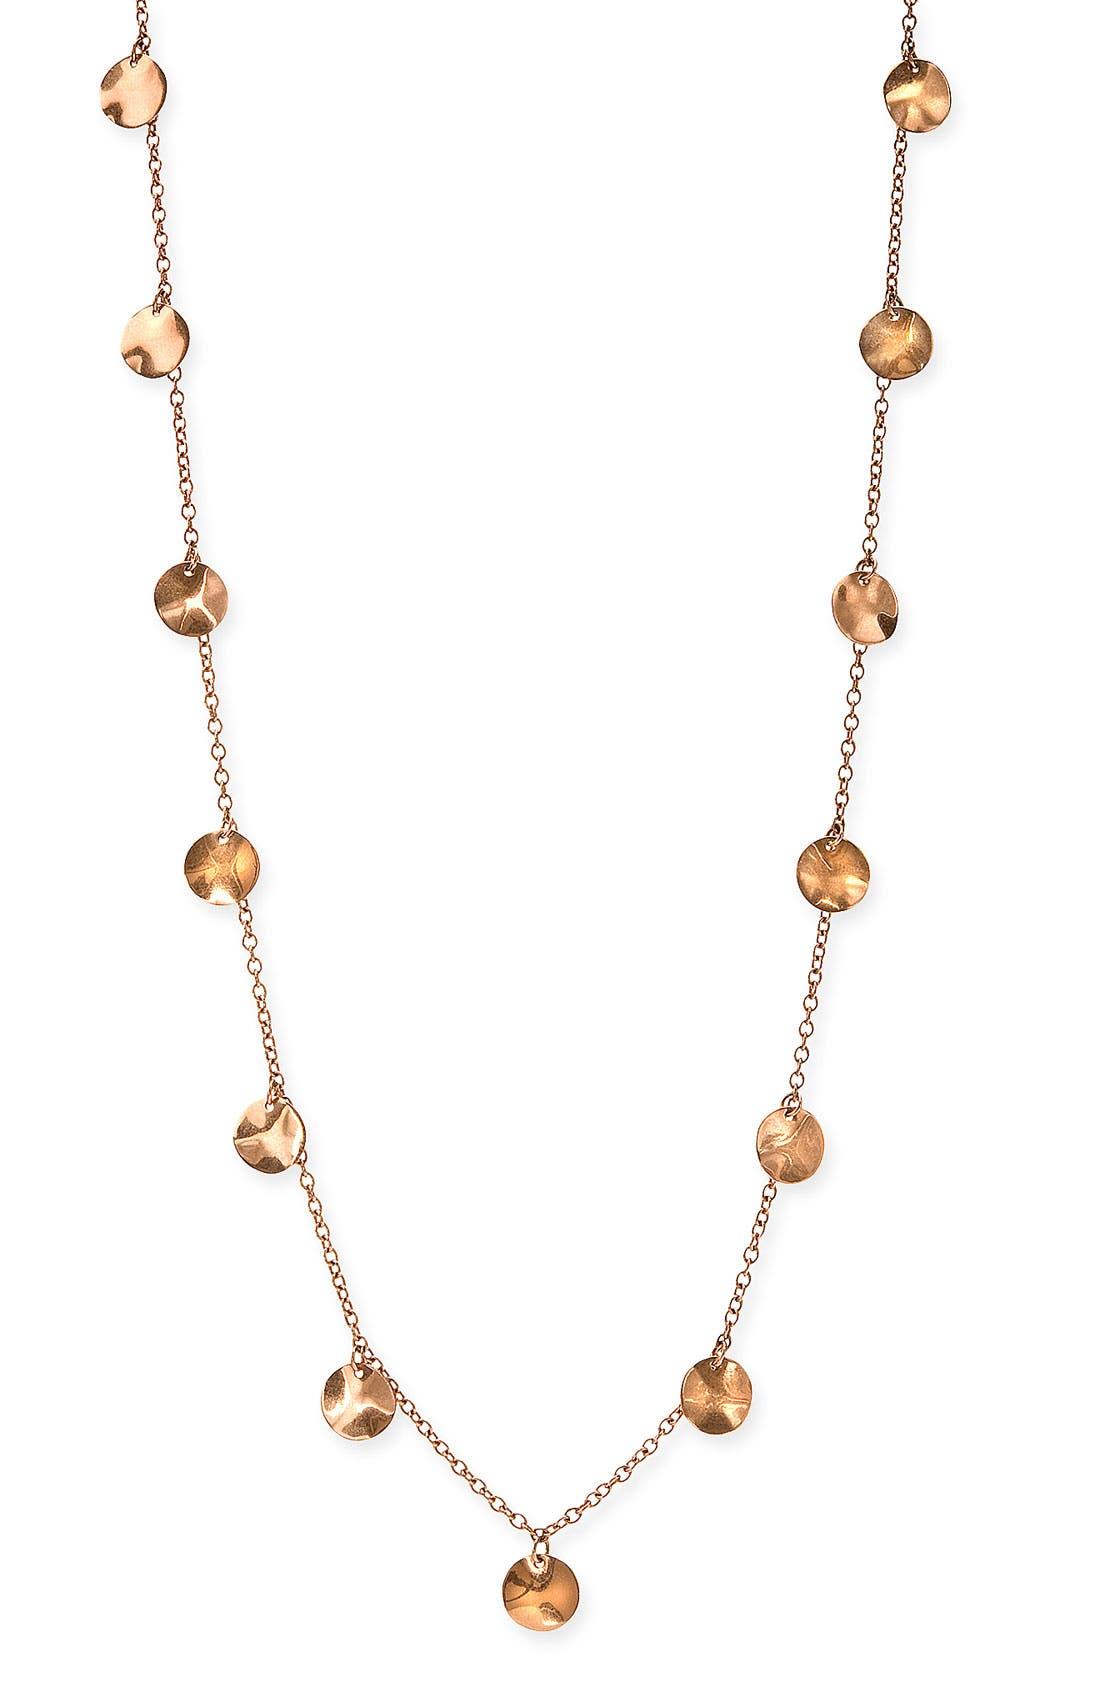 Alternate Image 1 Selected - Ippolita Long Paillette Rosé Necklace